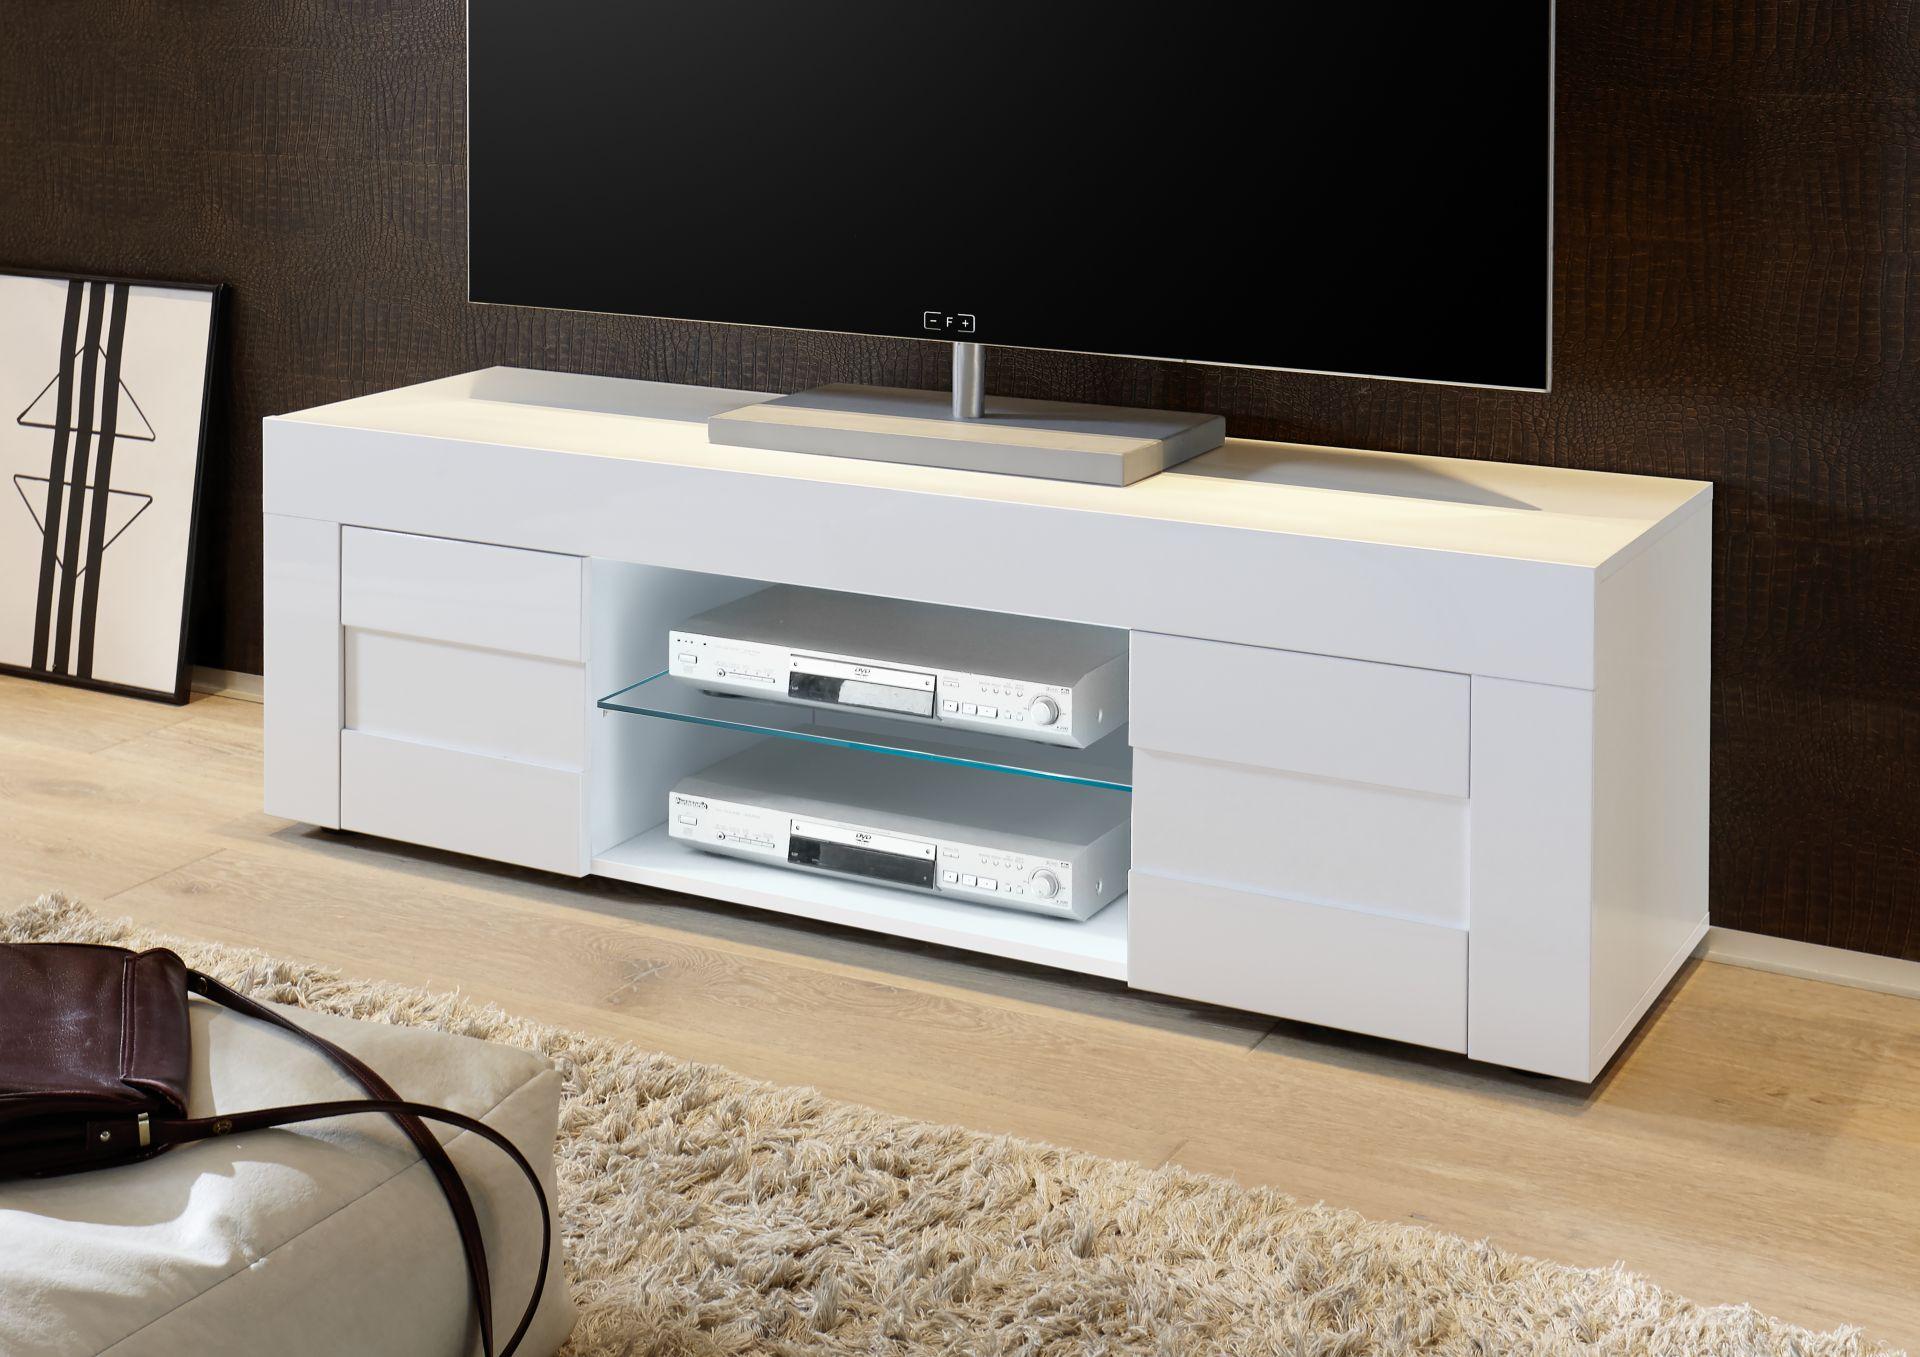 Goedkoop hoogglans tv meubel aktie wonen